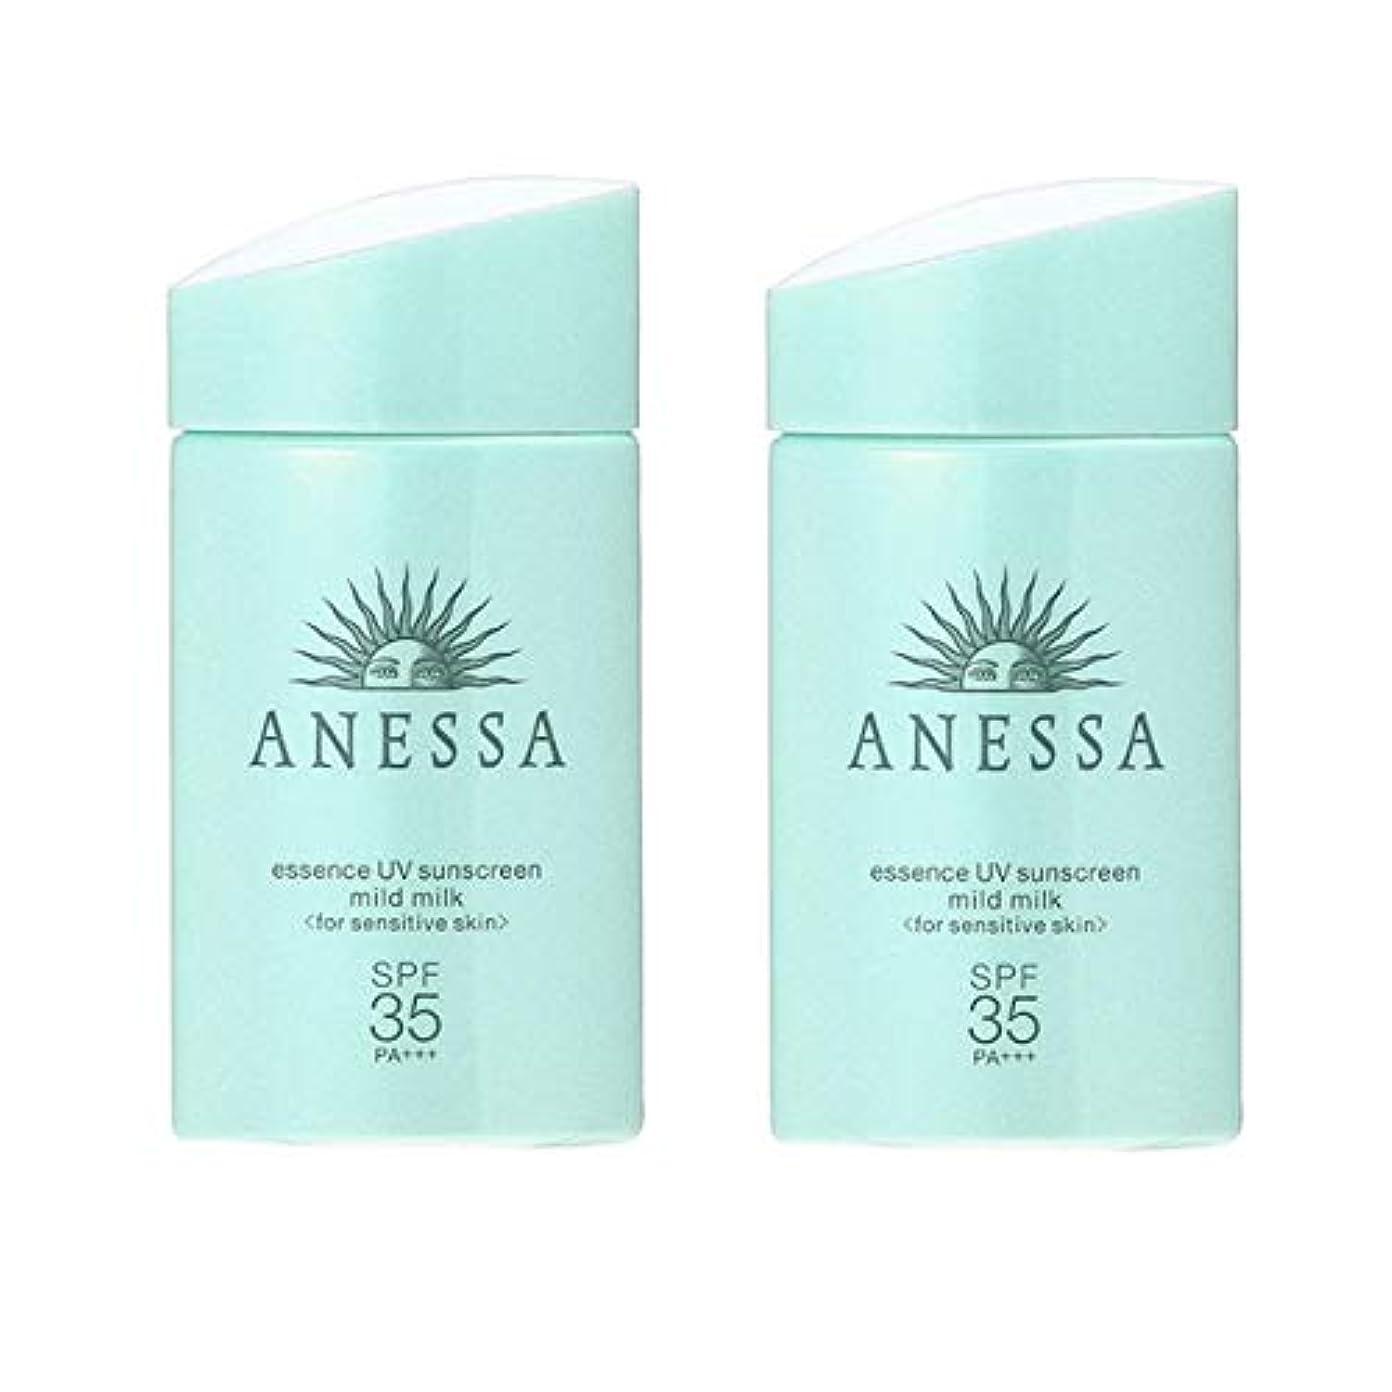 飲み込む最適好きである【セット】資生堂 アネッサ ANESSA エッセンスUV マイルドミルク SPF35/PA+++ 60mL 2個セット